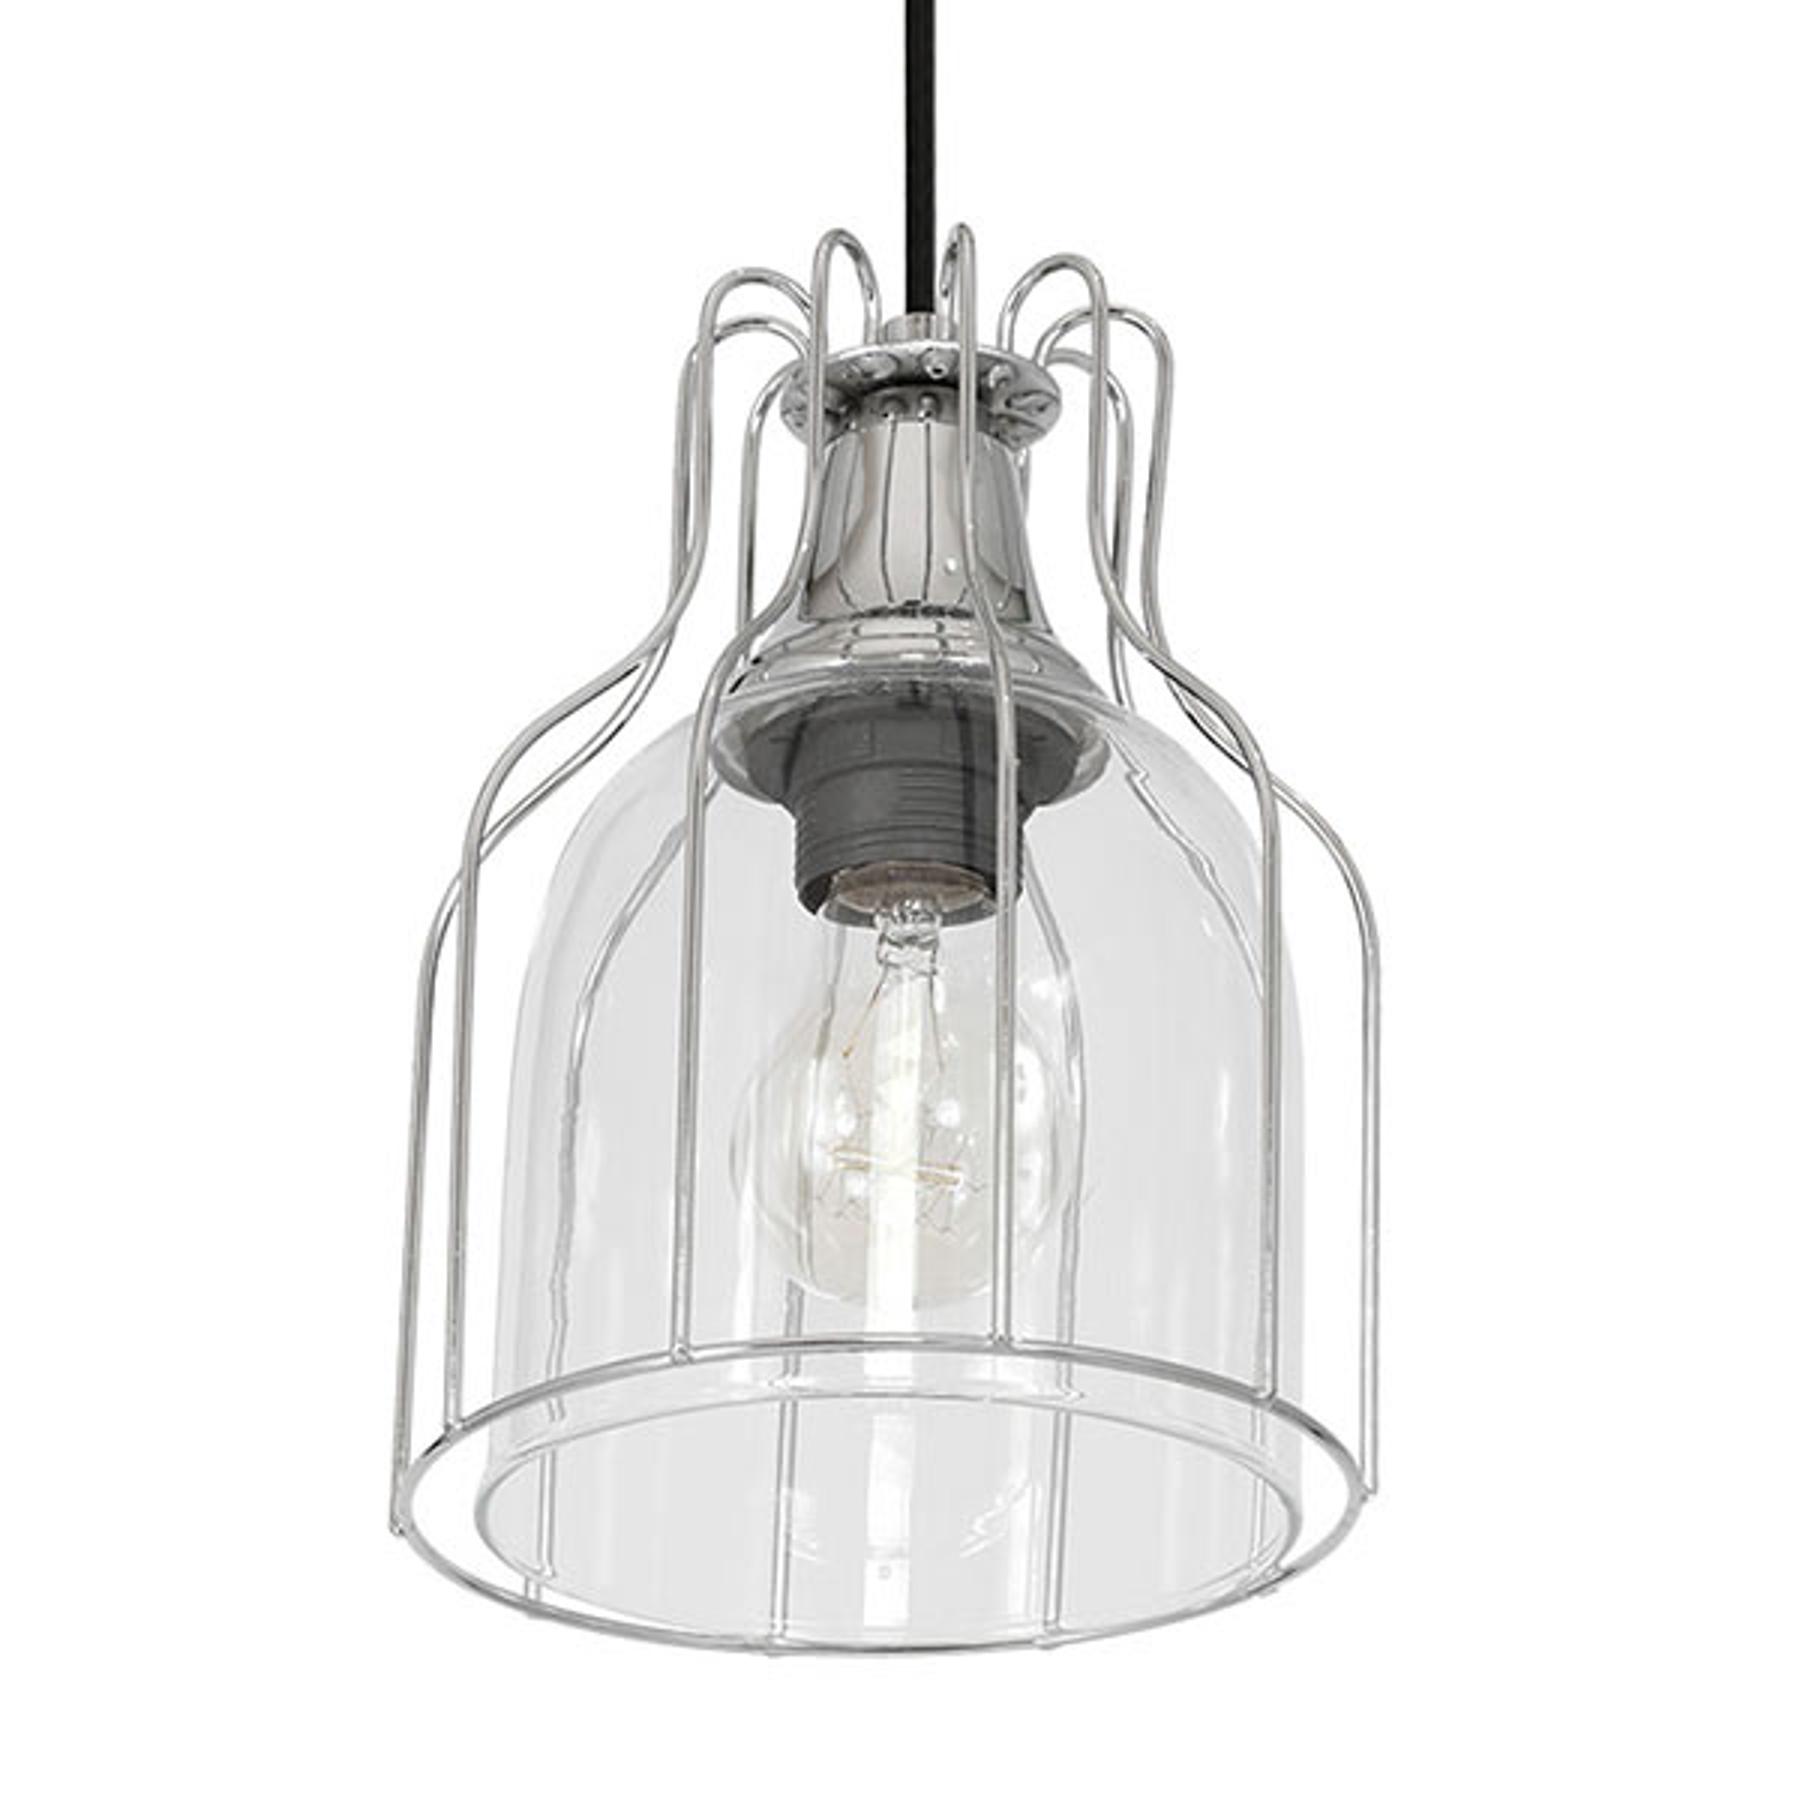 Riippuvalo Aria 1-lamppuinen kirkas/musta/kromi